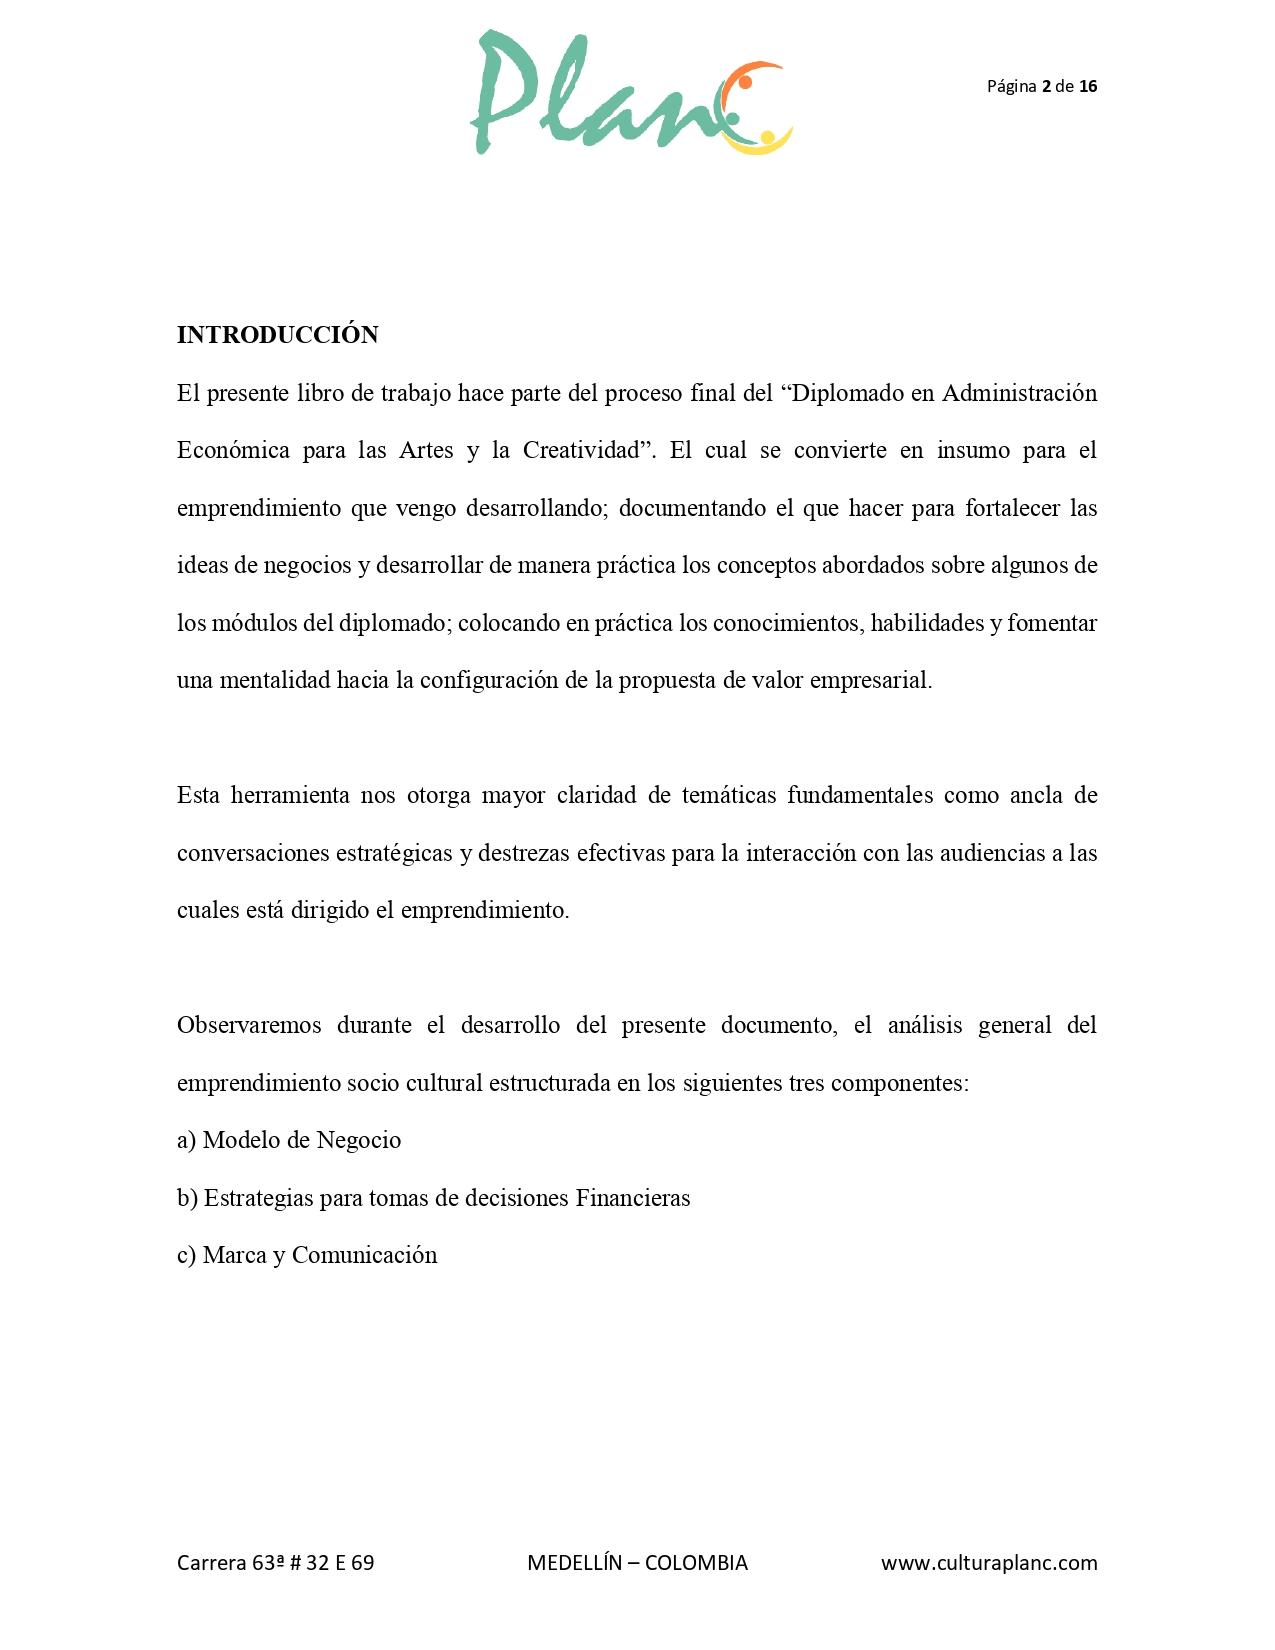 Informe de Gestión Global (1)-páginas-2